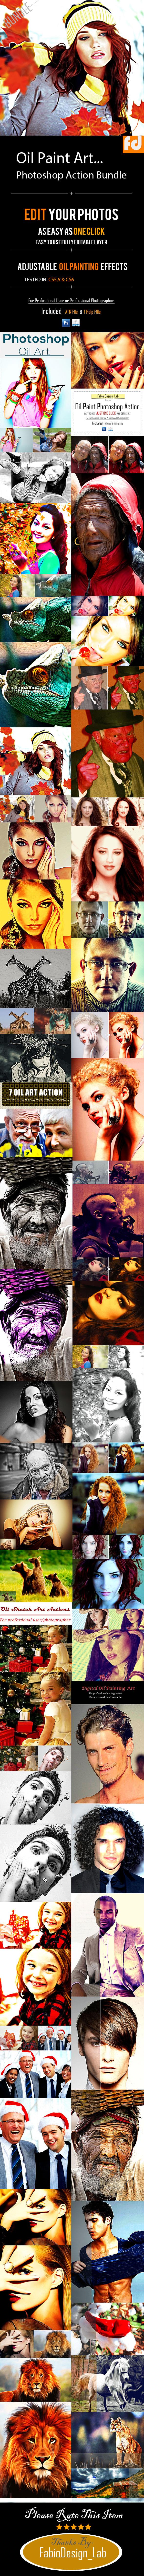 GraphicRiver Oil Paint Art Photoshop Action Bundle 11456612